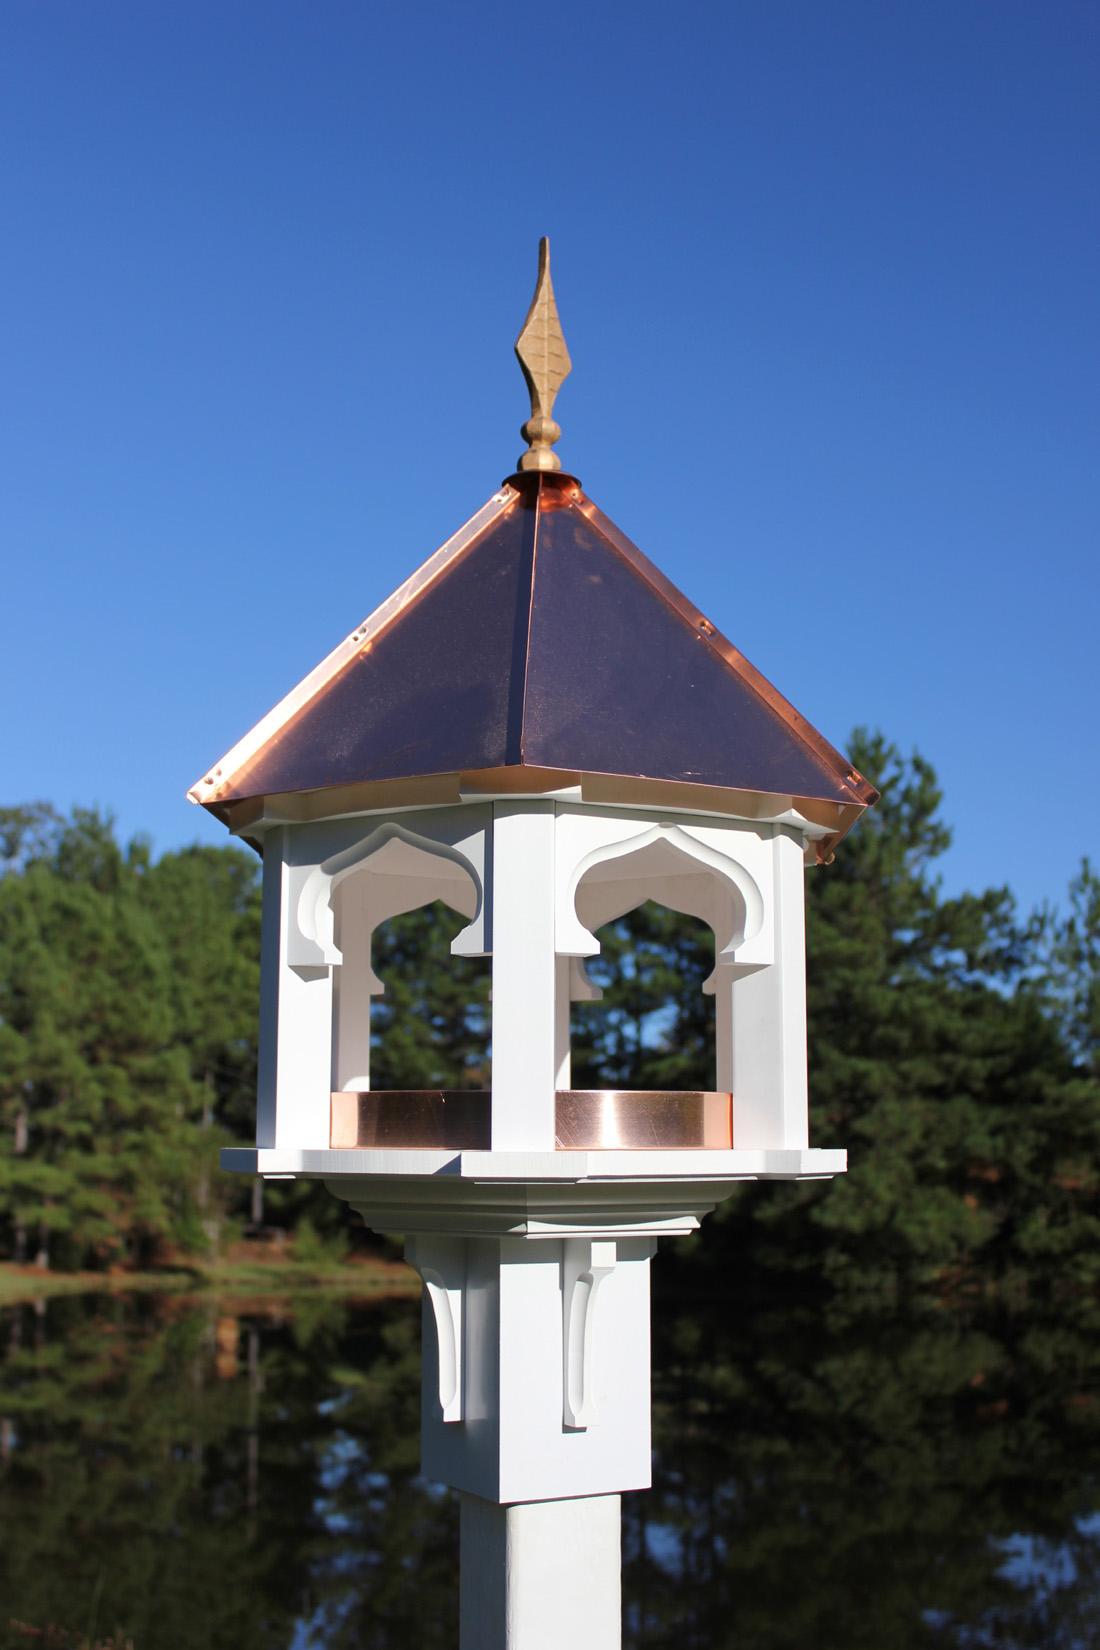 Carousel Cafe Bird Feeder Garden Artisans Llc